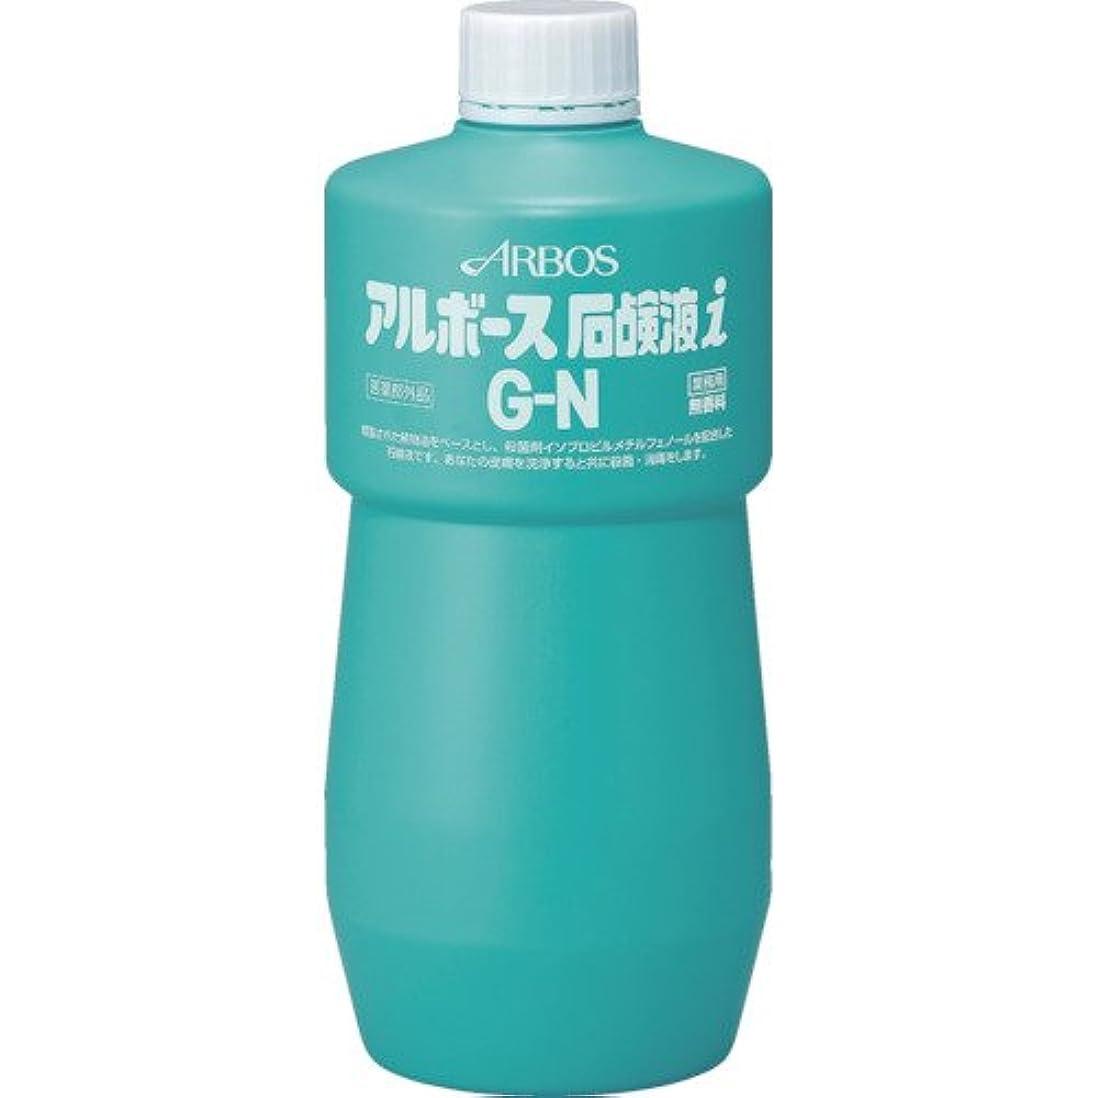 ボードネット節約するアルボース石鹸液iGN 1G [医薬部外品]